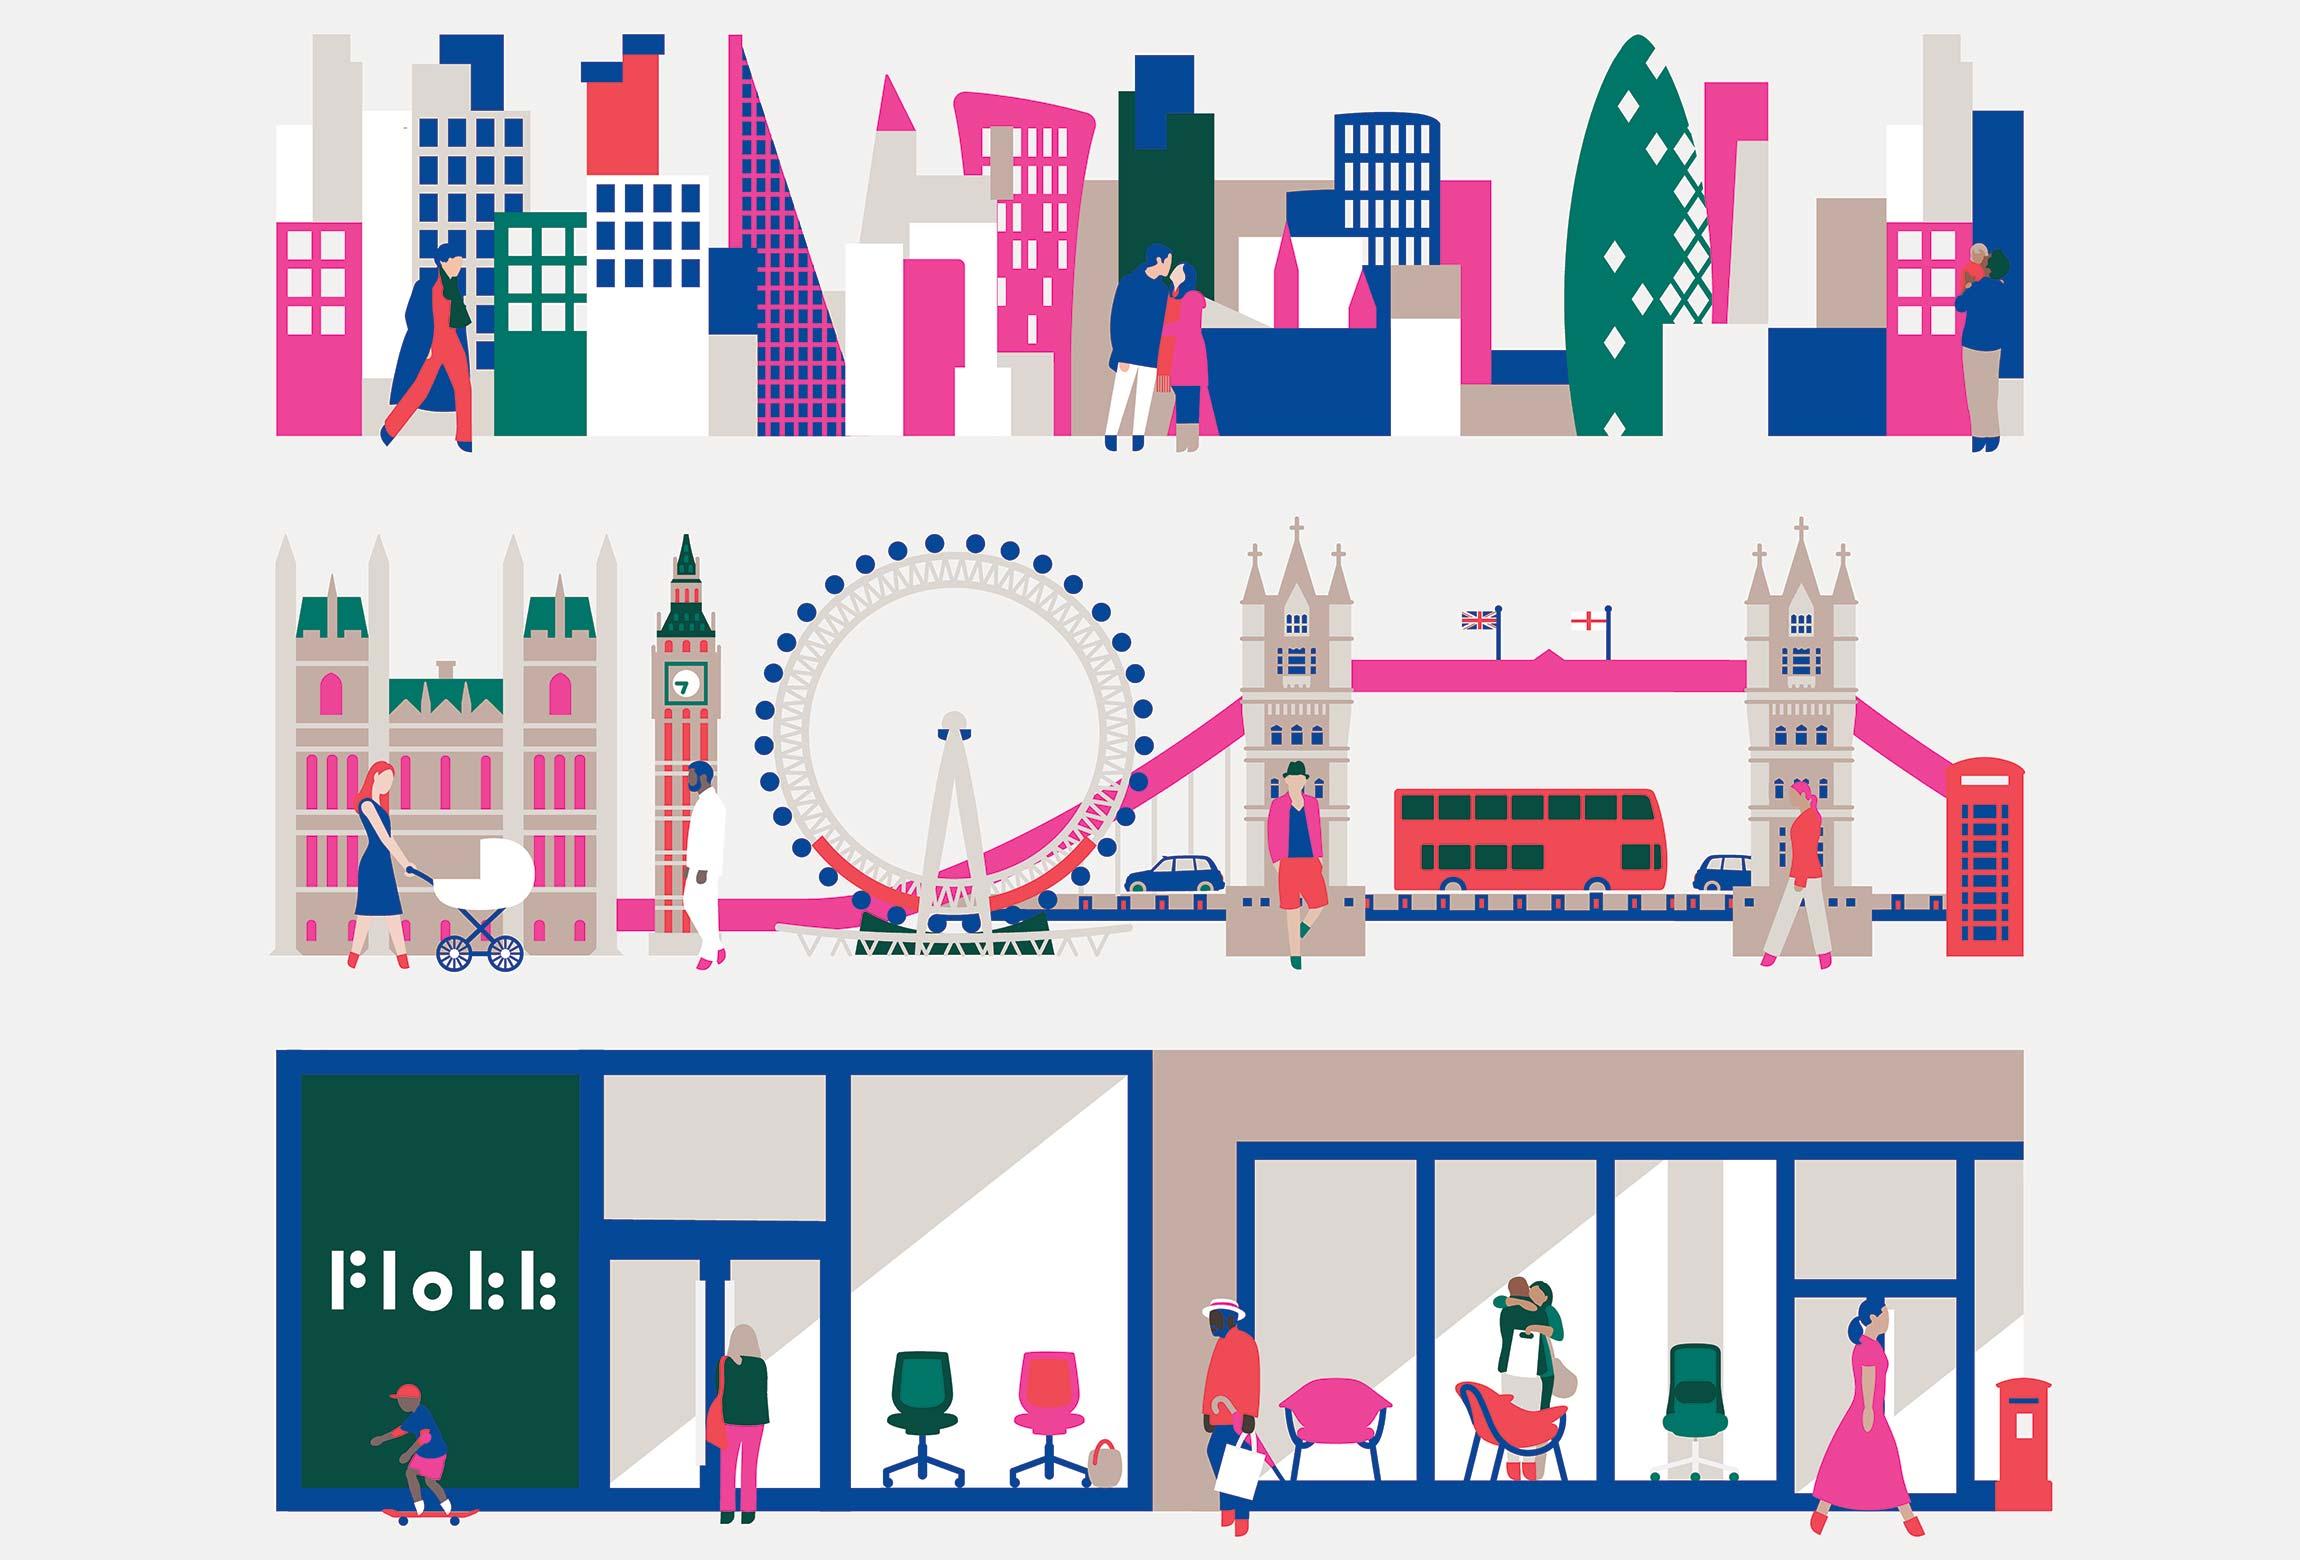 FLOKK_London_rectangle_notext2